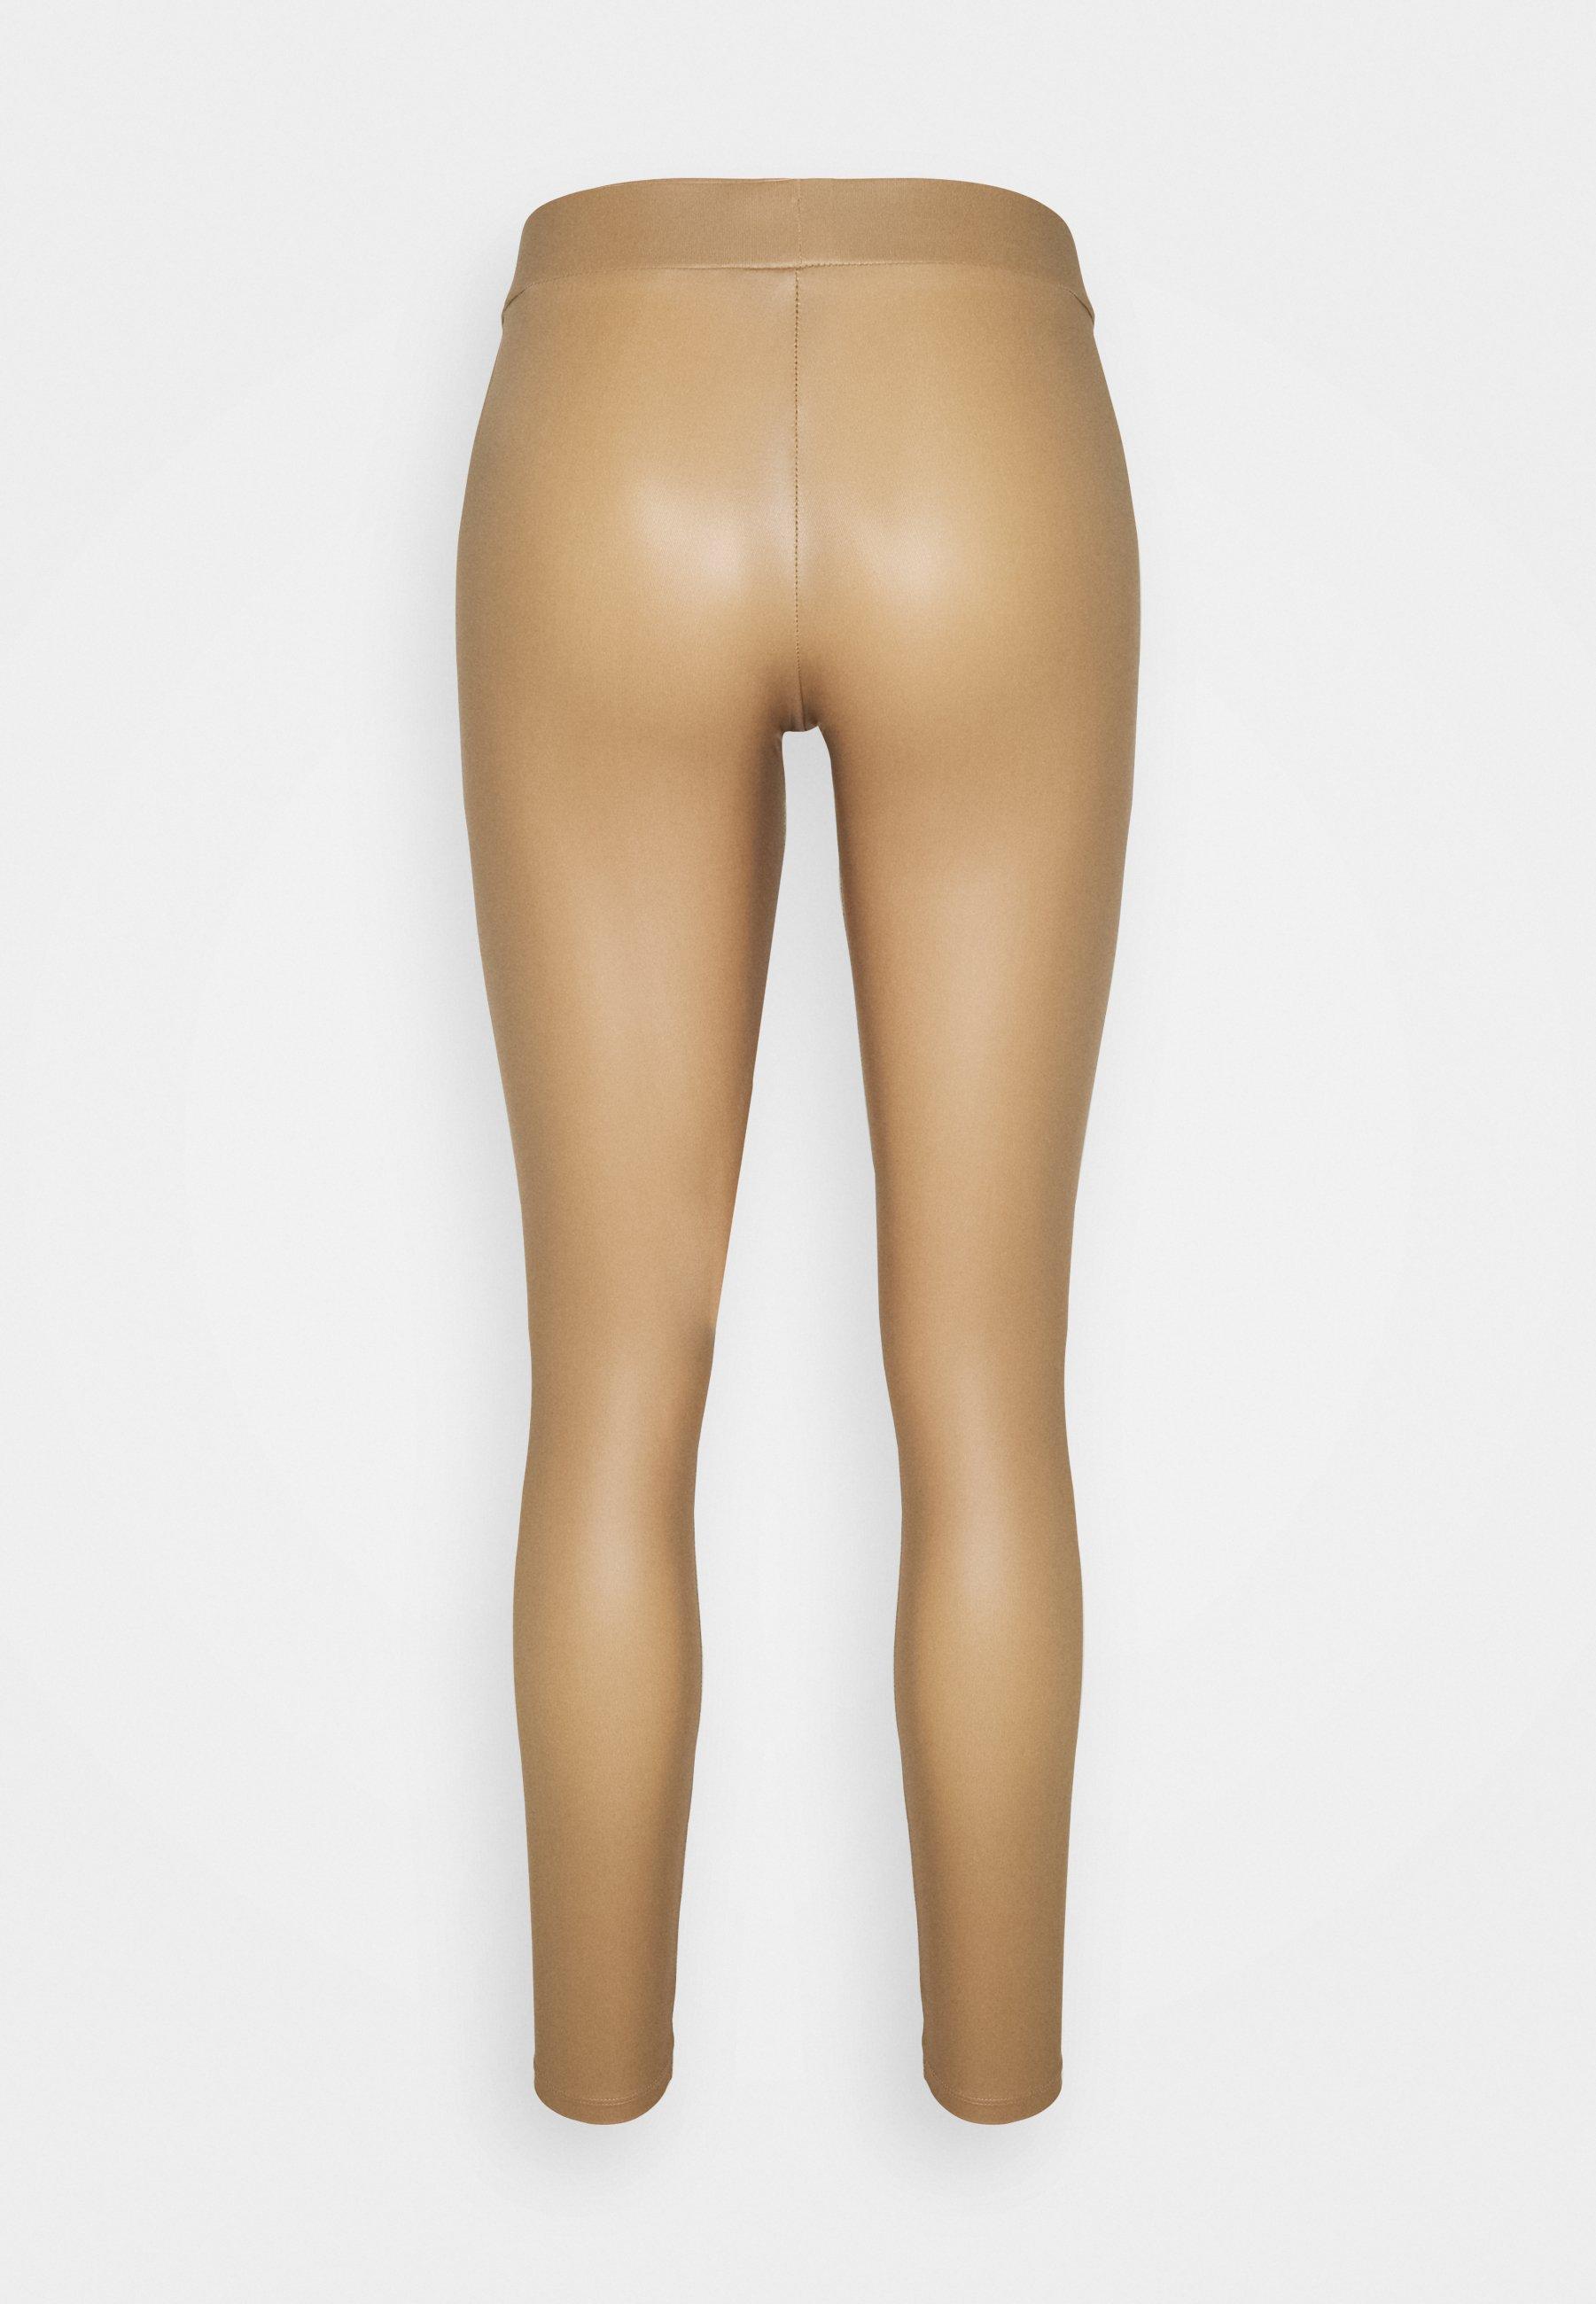 Women PCNEW SHINY LEGGINGS  - Leggings - Stockings